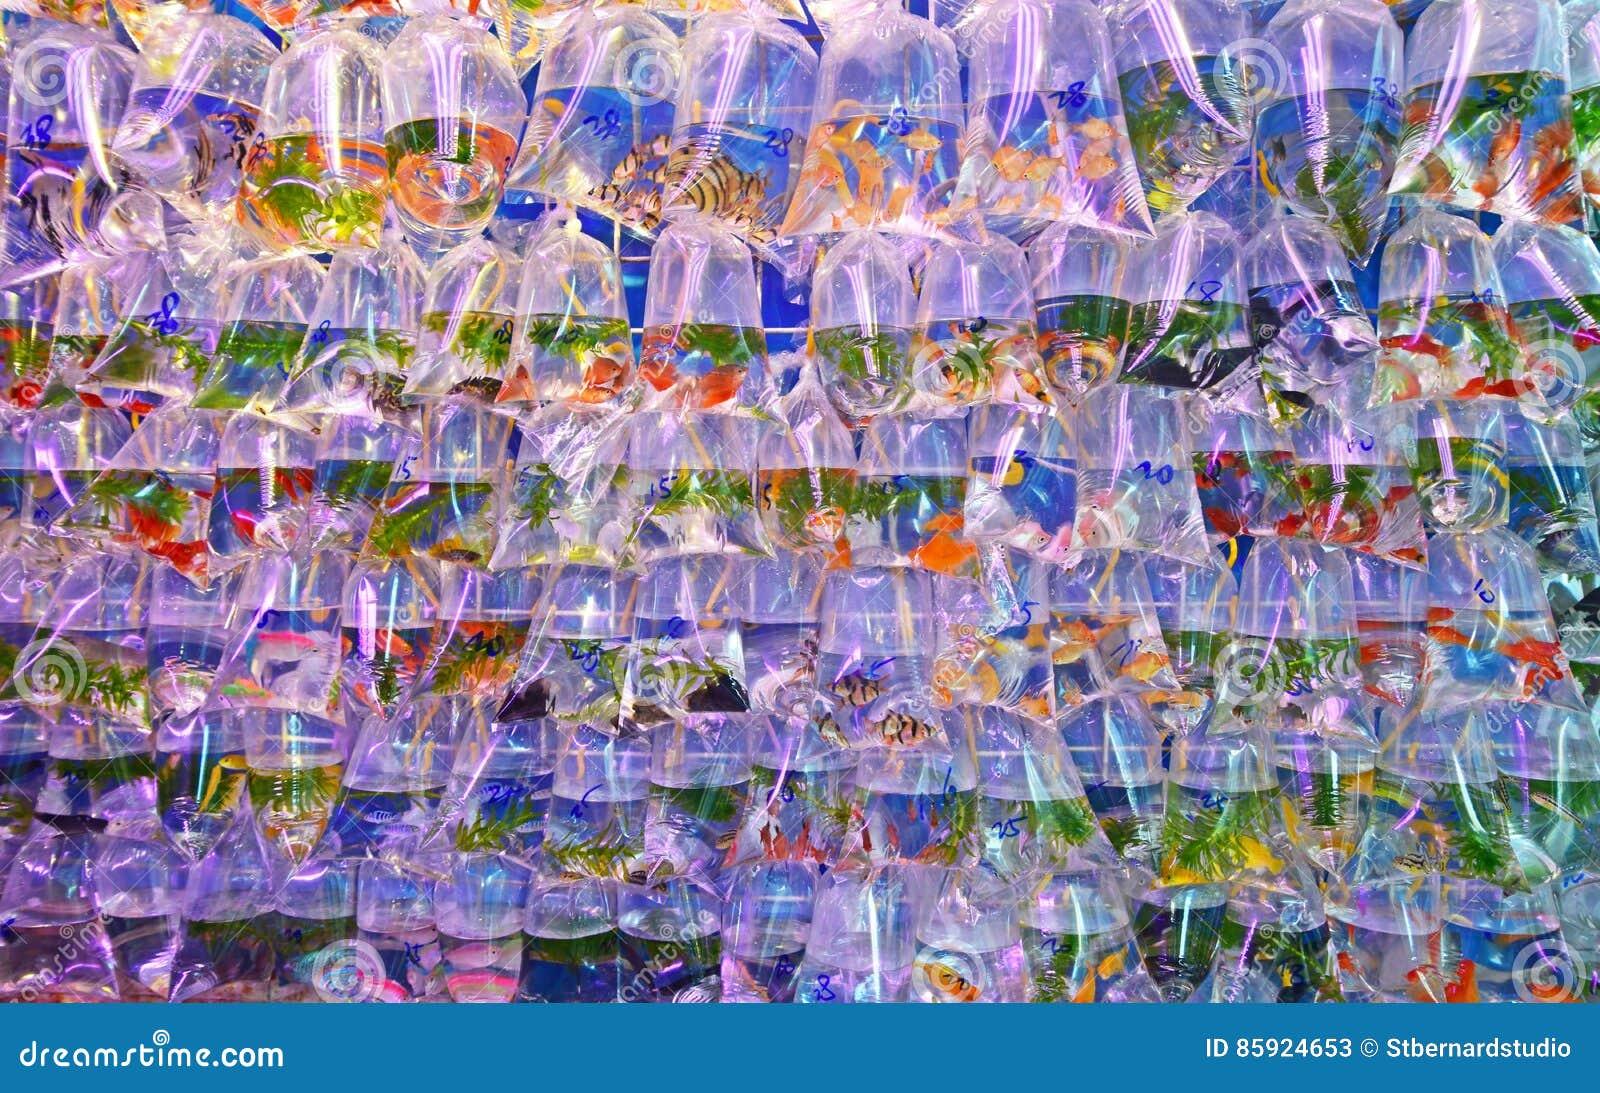 各种各样的过度拥挤淡水水族馆鱼在透明塑料袋卖了